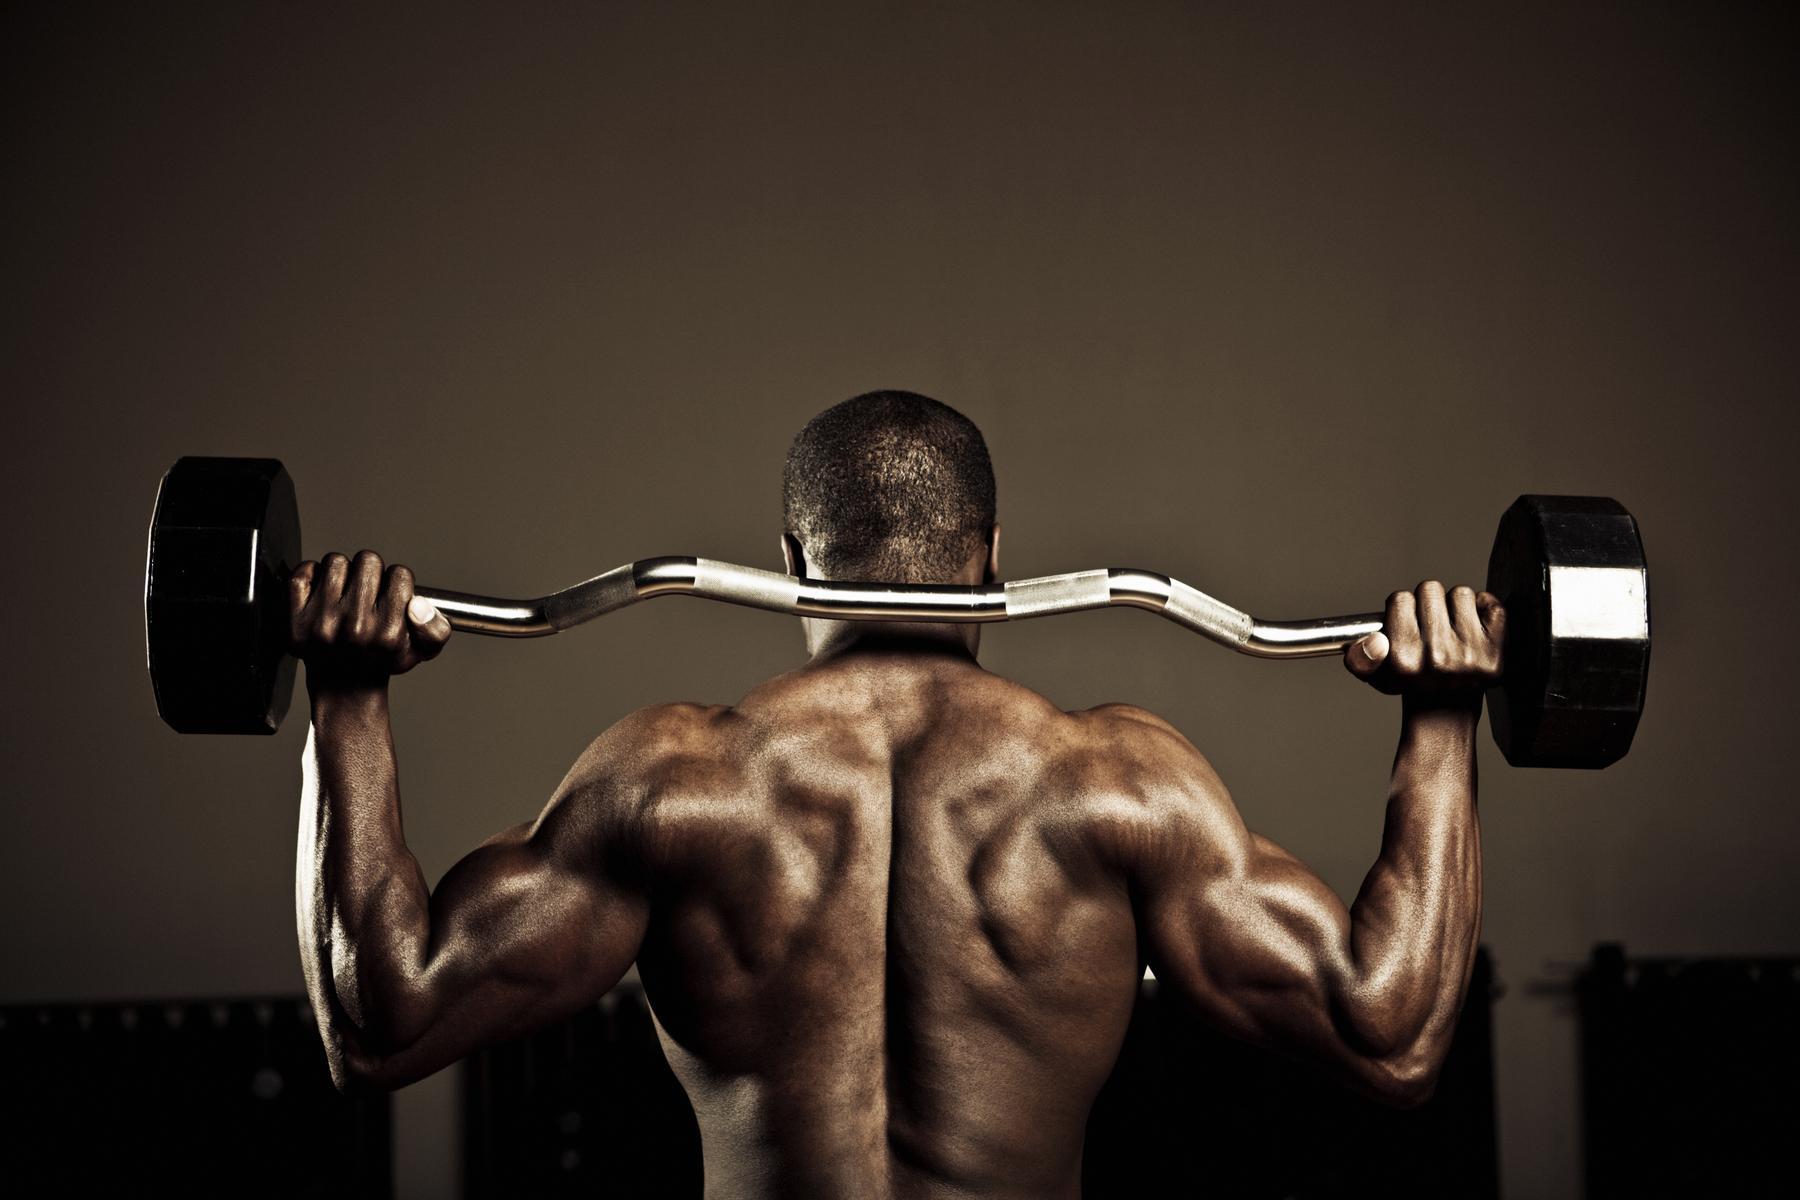 18 Übungen mit dem Körpergewicht für einen stärkeren Rücken